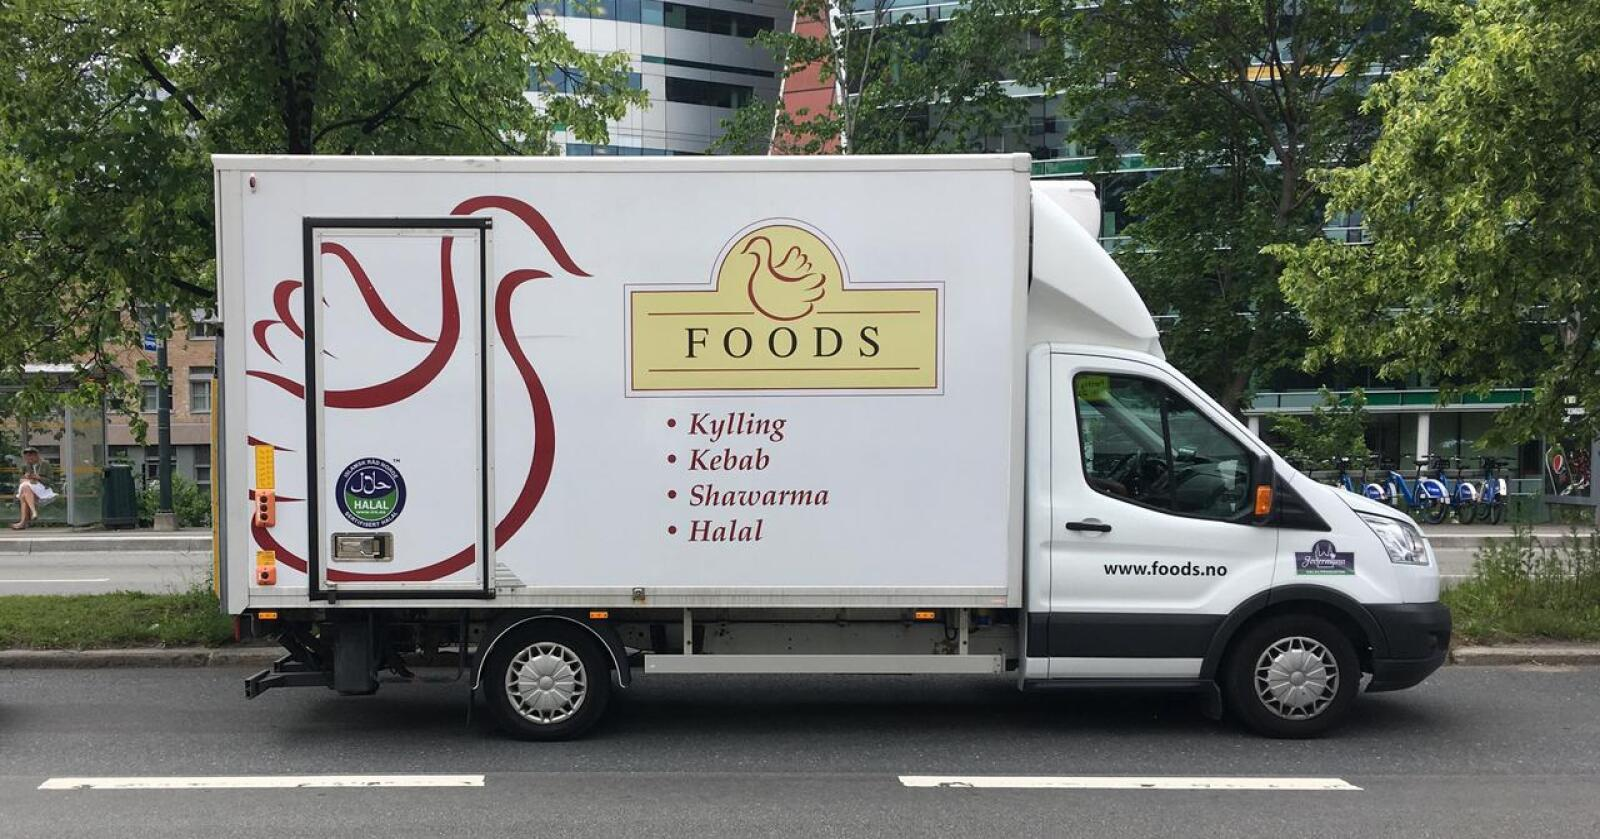 Selskapet Foods AS leverte røde tall på bunnlinjen for første gang siden oppstart i 2006. Foto: Nationen